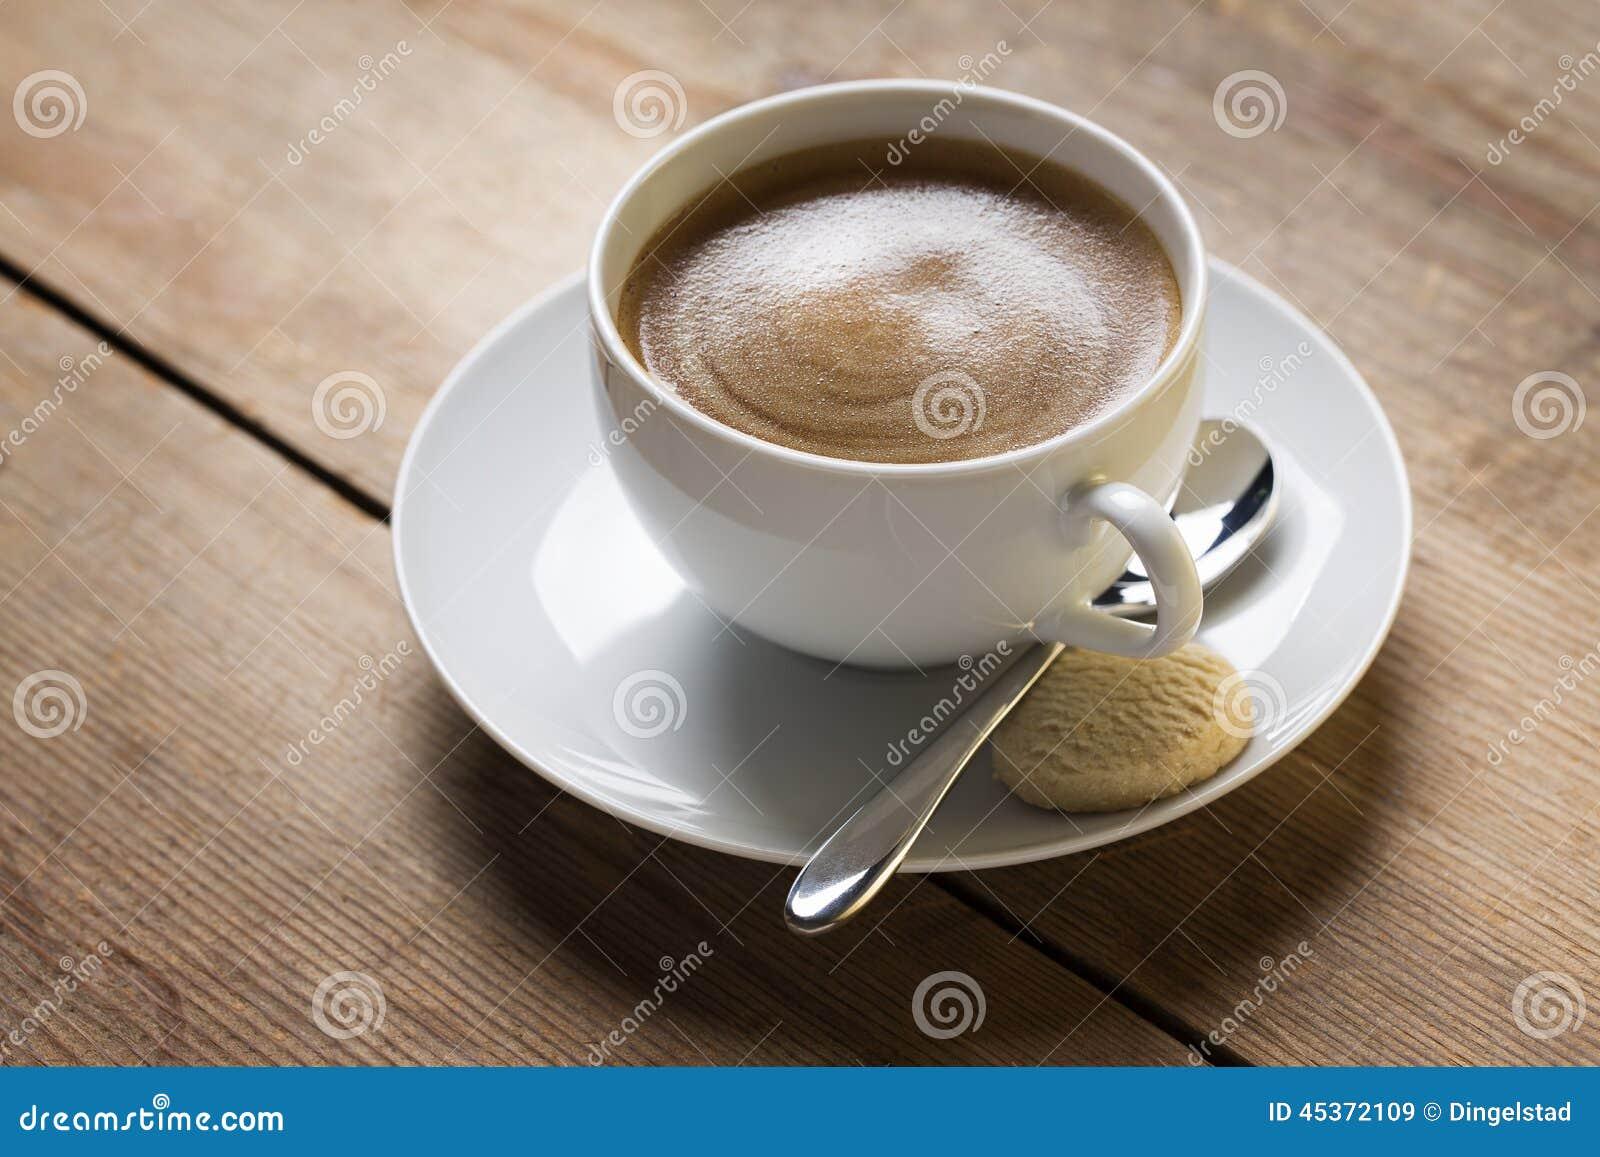 Image d une tasse de café sur un suacer